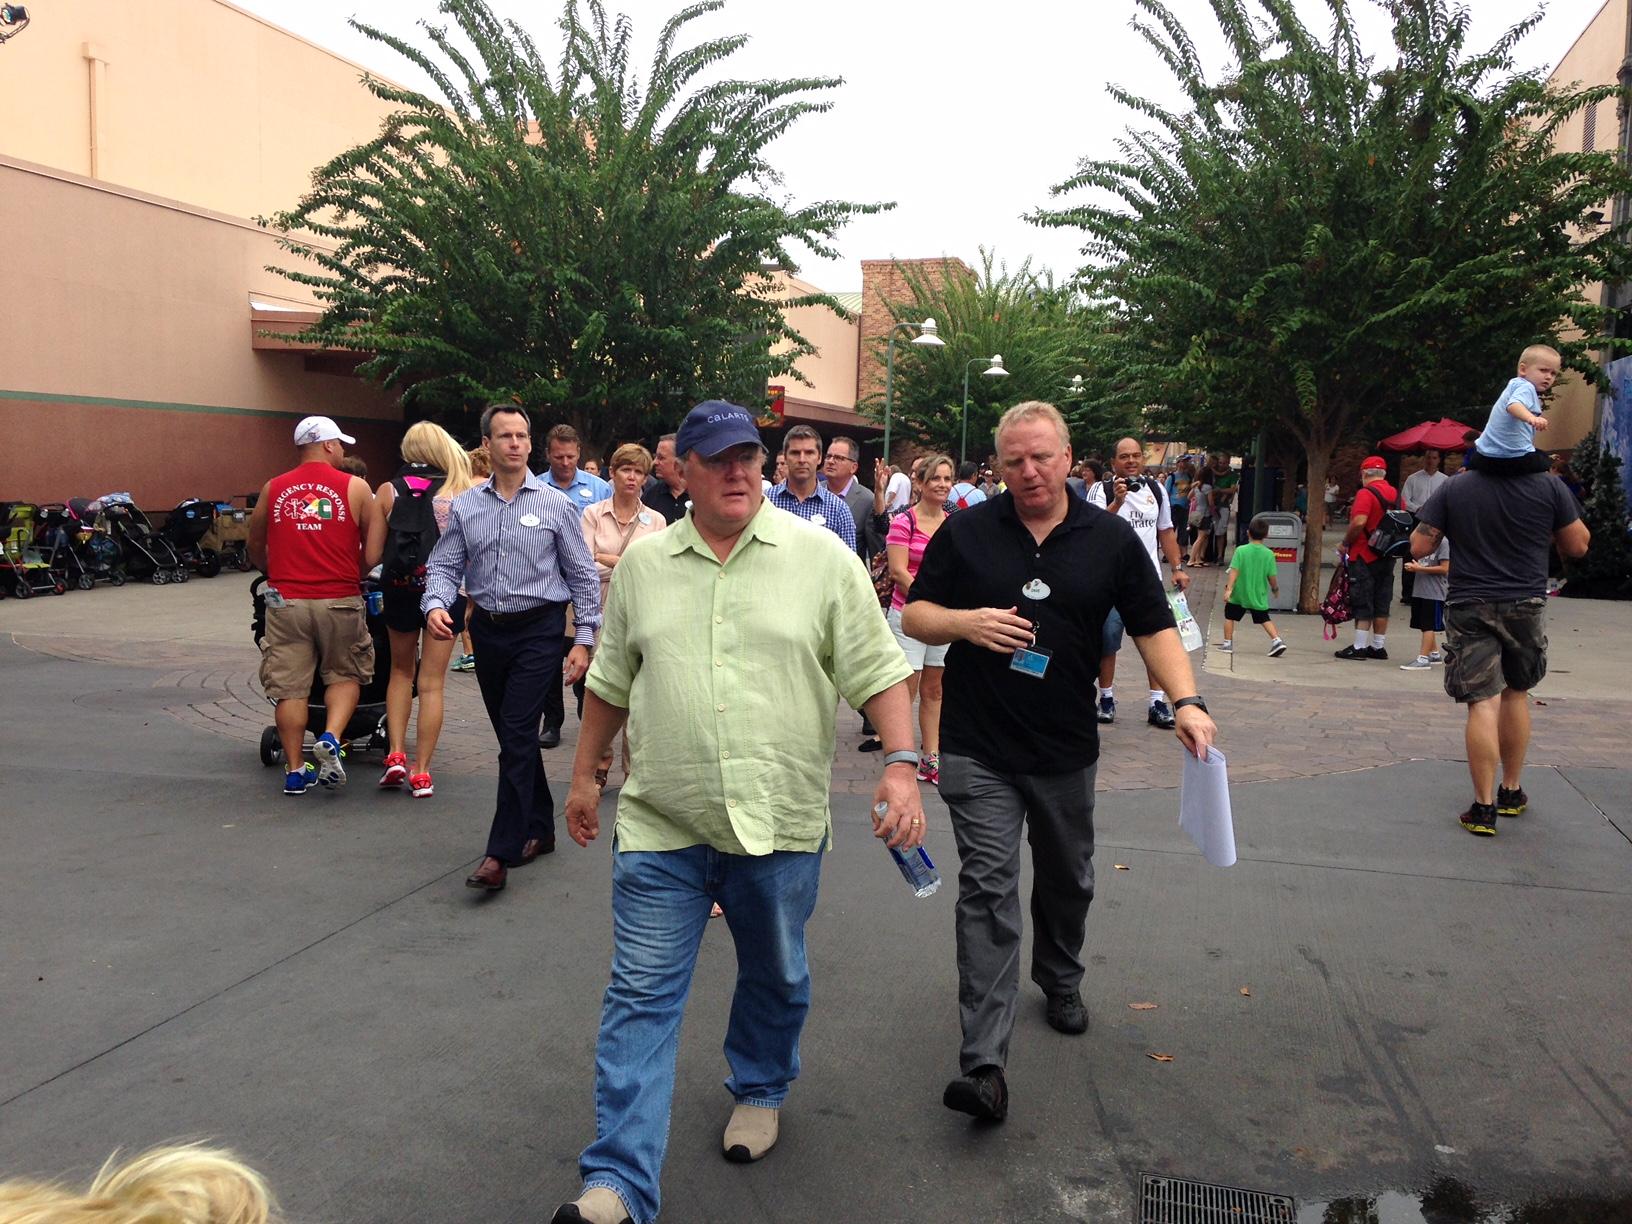 PHOTOS - Key Walt Disney Imagineers and Disney Executives at